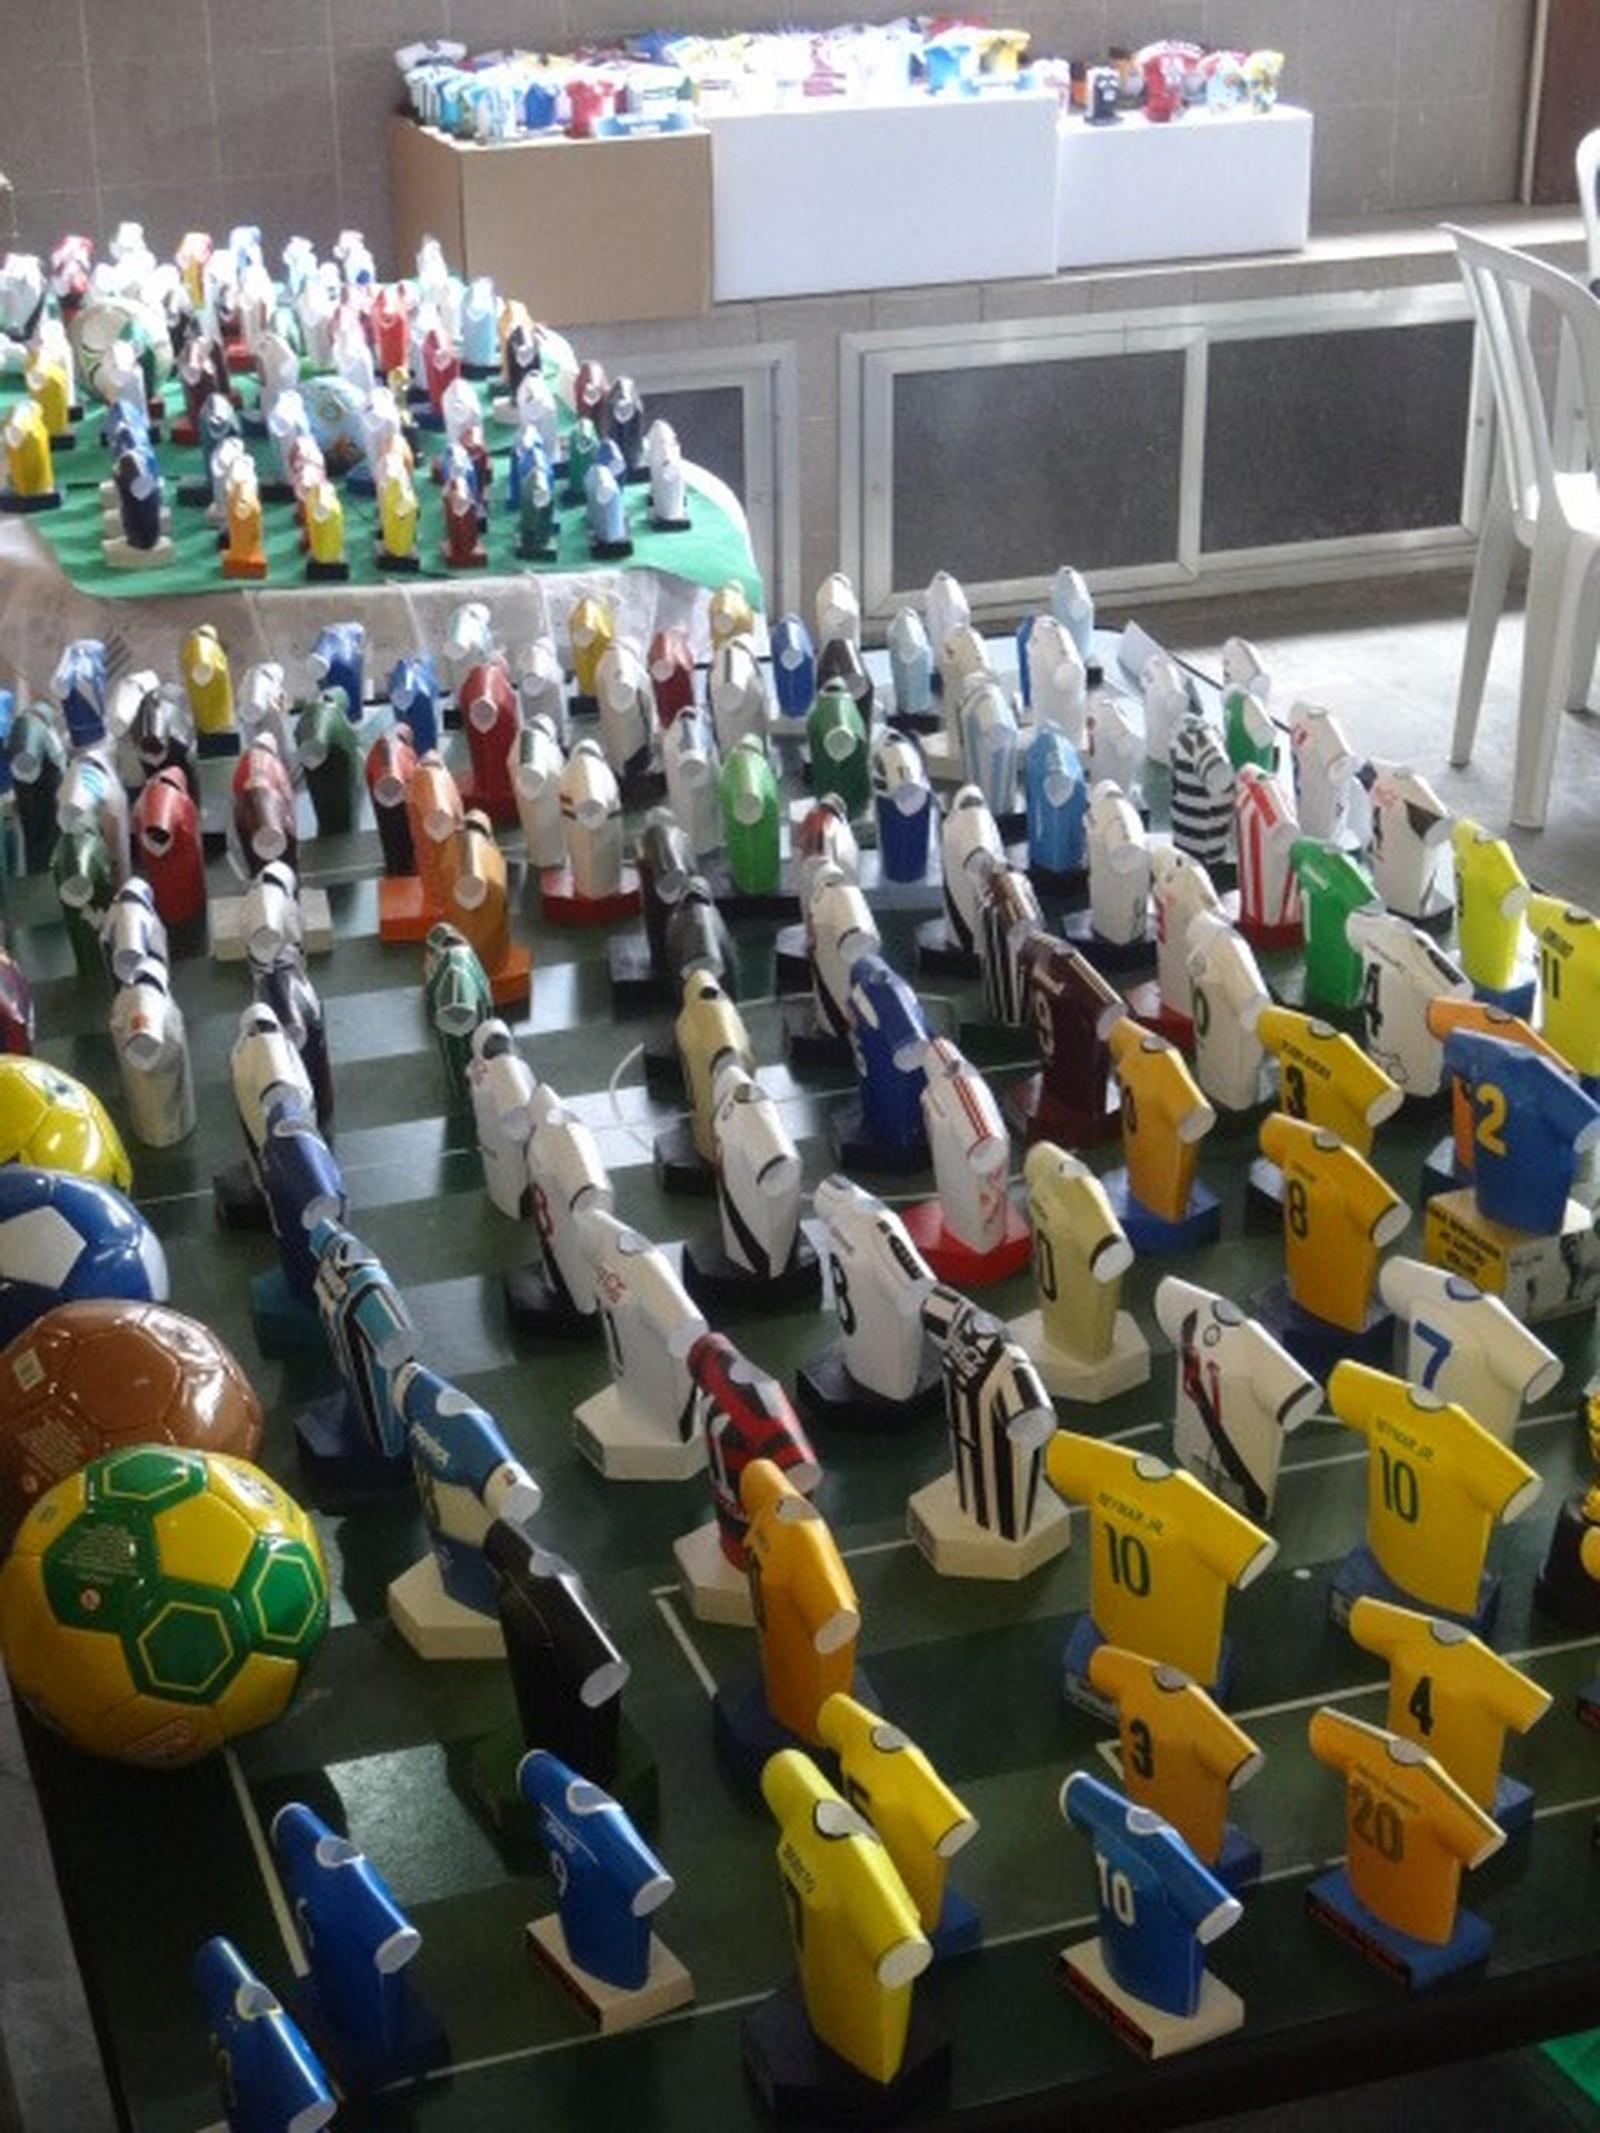 São mais de 6 mil peças no museu do carioca (Foto: Christian Gama / arquivo pessoal)